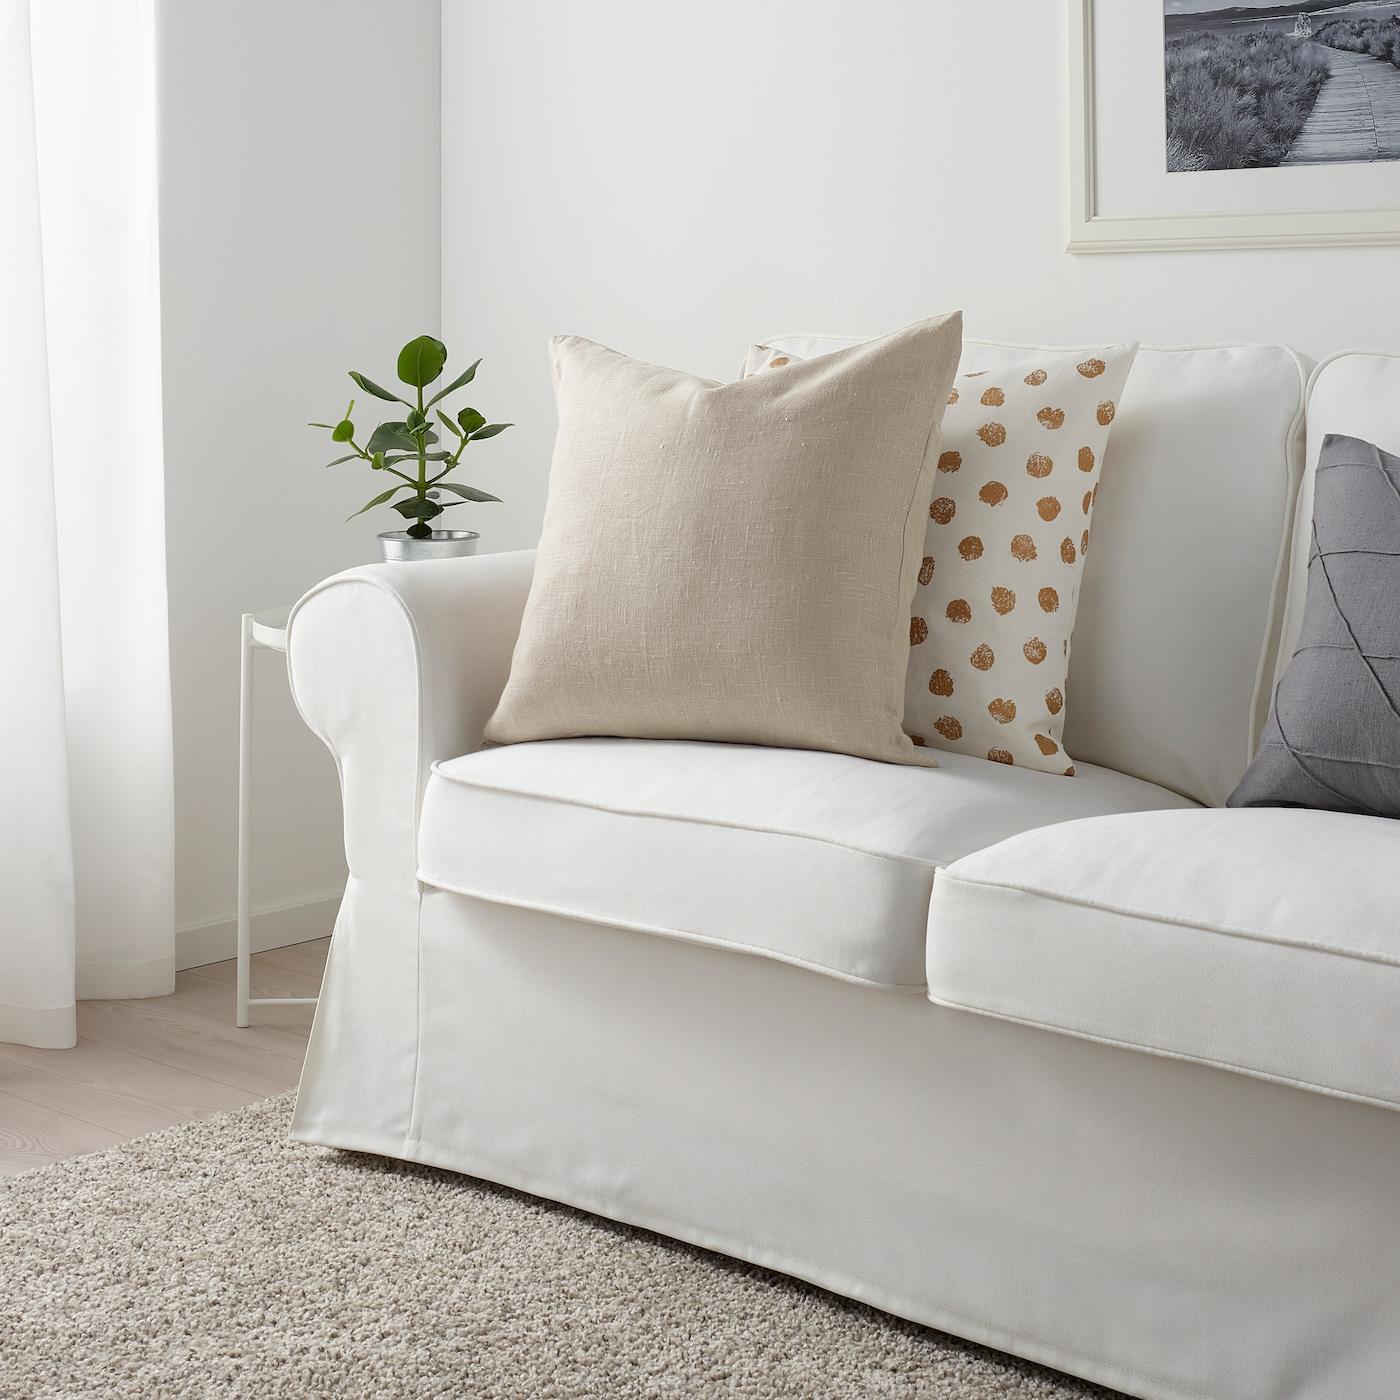 AINA Cushion cover beige 50x50 cm